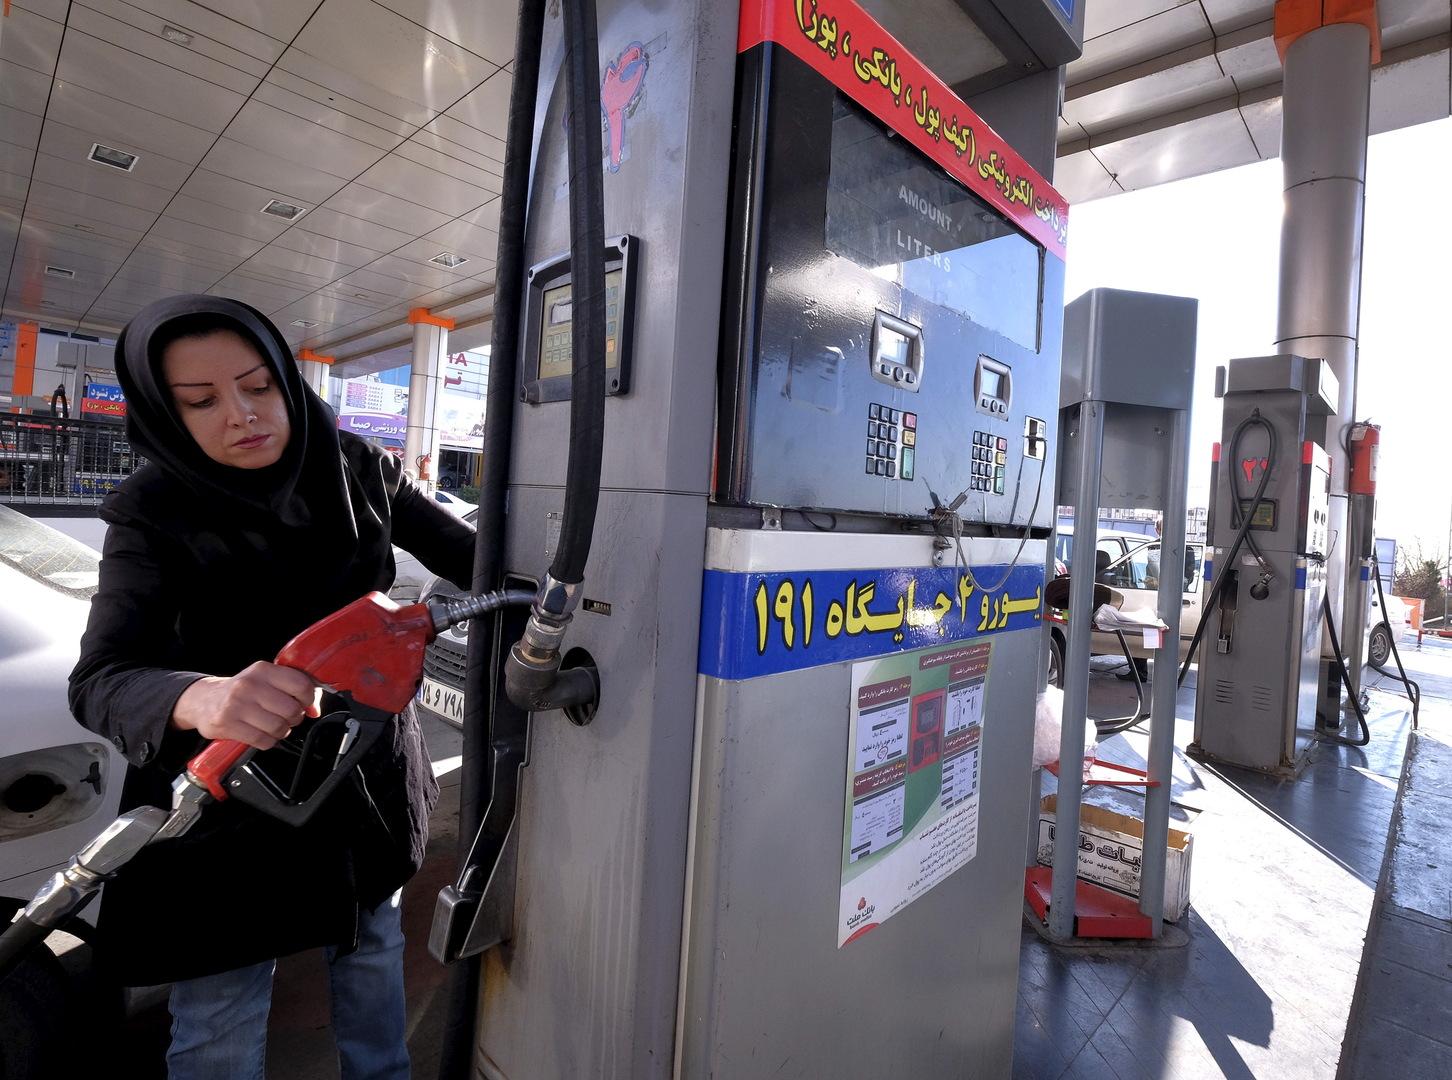 إيران تنفي حدوث أي اضطرابات أو أعمال شغب أو هجمات على محطات الوقود في البلاد